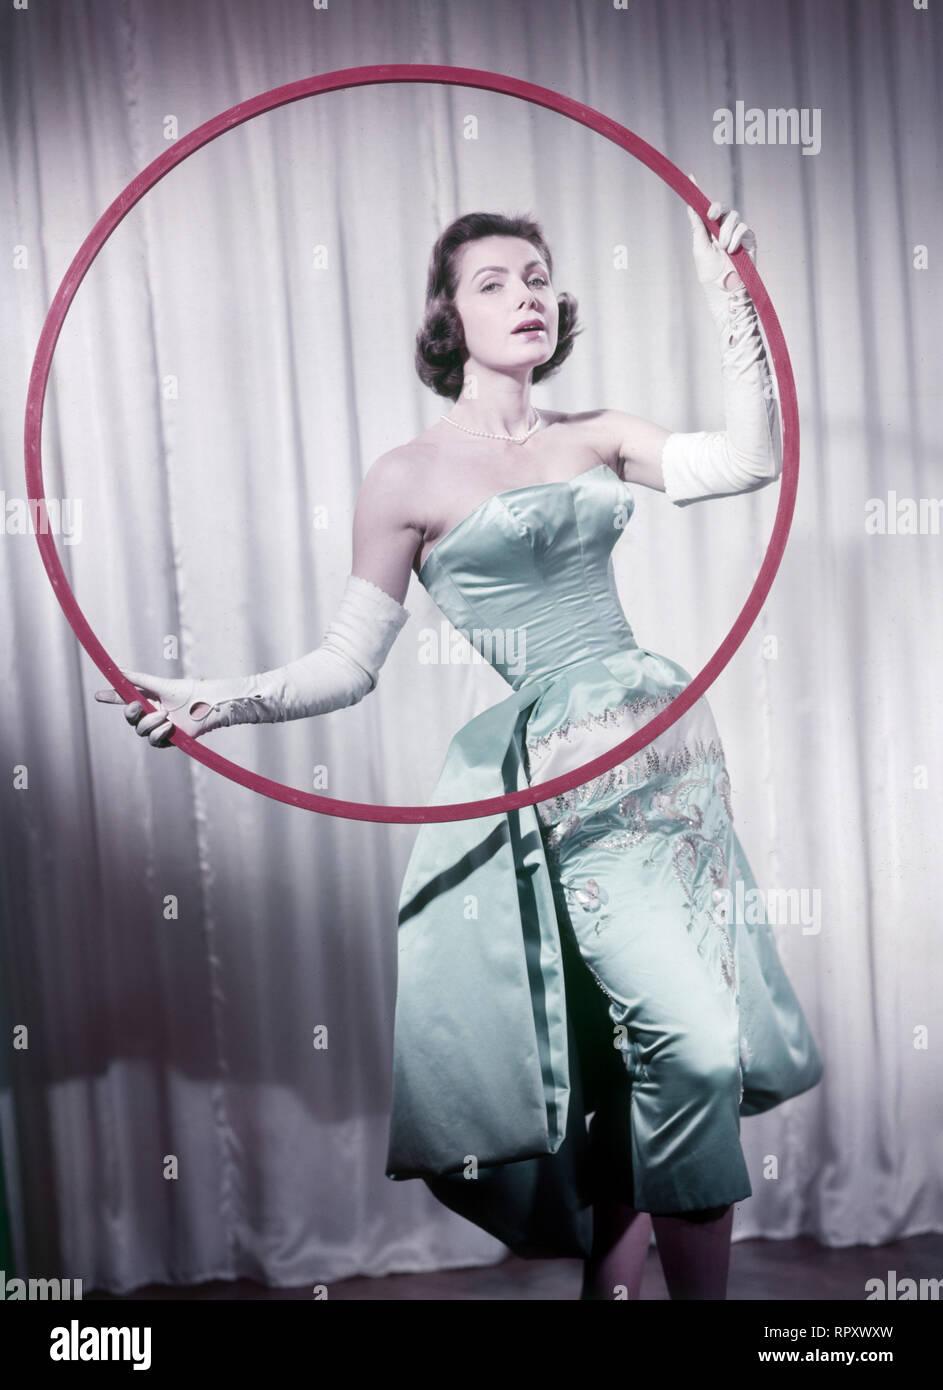 Margit Nünke, deutsche Schauspielerin und Fotomodell. Miss Germany (1955), Miss Europe (1956). Studioaufnahme zum Film: Das haut hin, 1957. German actress Margit Nuenke, model, former Miss Germany (1955) and Miss Europe (1956). Studio Still, Film Still: Das haut hin, 1957. - Stock Image